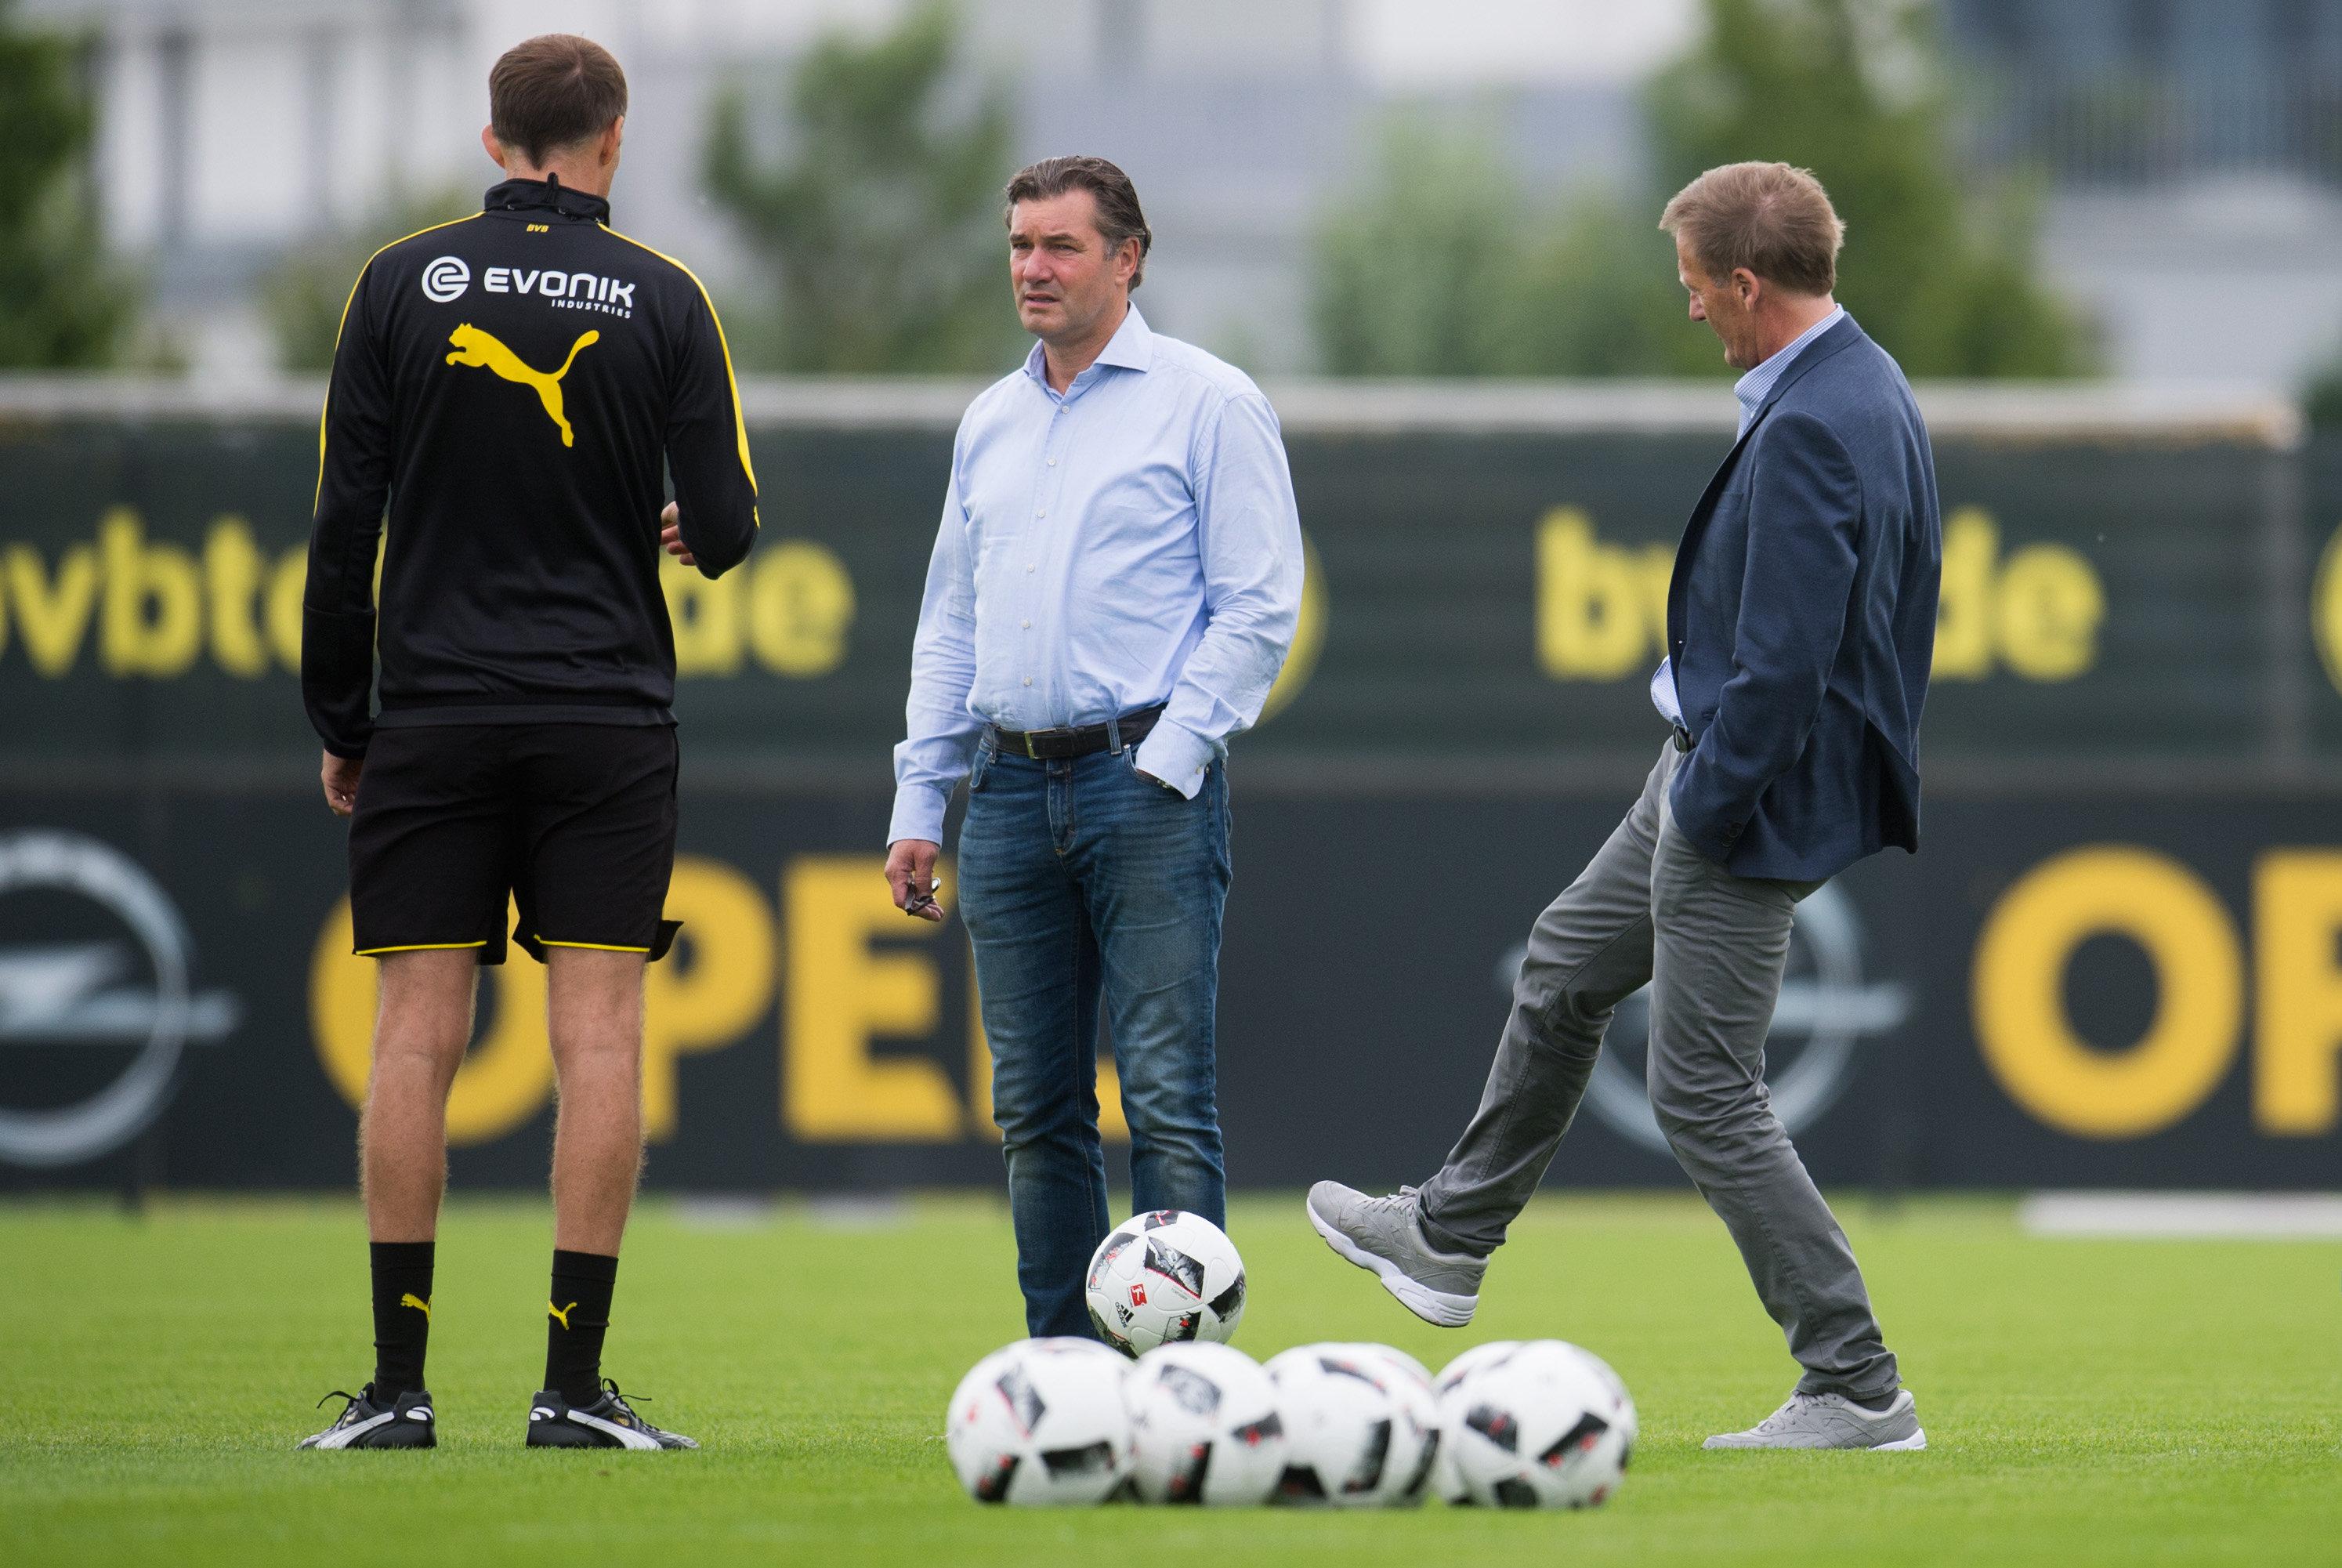 Nach der Trennung vom BVB: Tuchel bedankt sich bei Fans